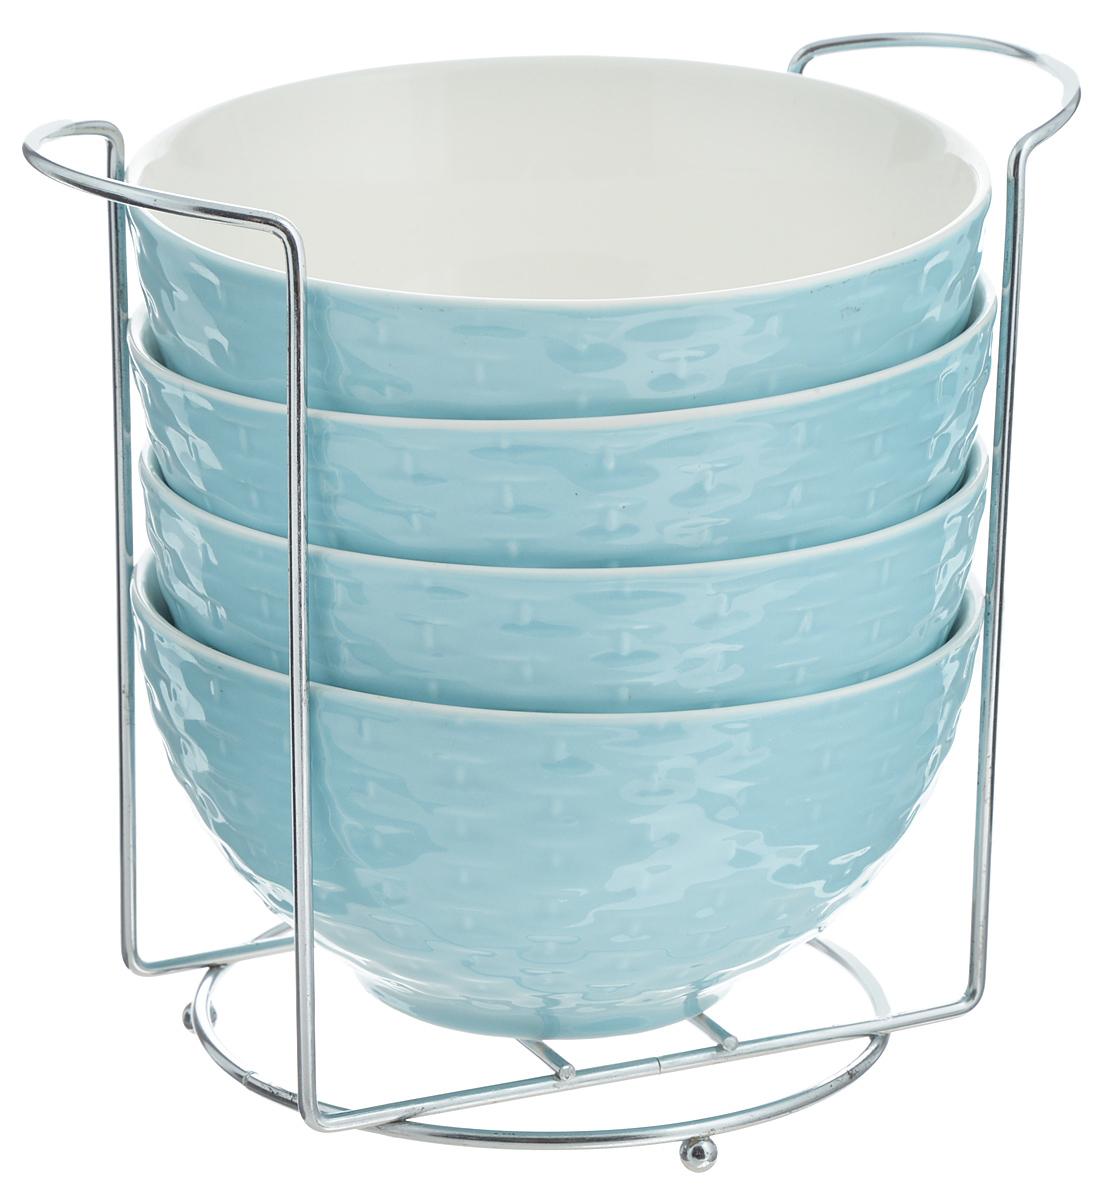 Набор супниц Loraine, на подставке, цвет: голубой, белый, 420 мл, 5 предметов22576Набор Loraine включает четыре супницы, выполненные из высококачественной глазурованнойкерамики. Внешние стенки декорированы рельефом под плетение. Набор прекрасно подходитдля подачи супов, бульонов и других блюд. Элегантный дизайн отлично впишется в интерьерлюбой кухни. Супницы компактно размещаются на подставке из железа. Посуду можно использовать в микроволновой печи и холодильнике, а также мыть впосудомоечной машине. Объем супниц: 420 мл. Диаметр супниц по верхнему краю: 15,5 см. Высота супниц: 8 см. Размер подставки: 20 х 13 х 18 см.